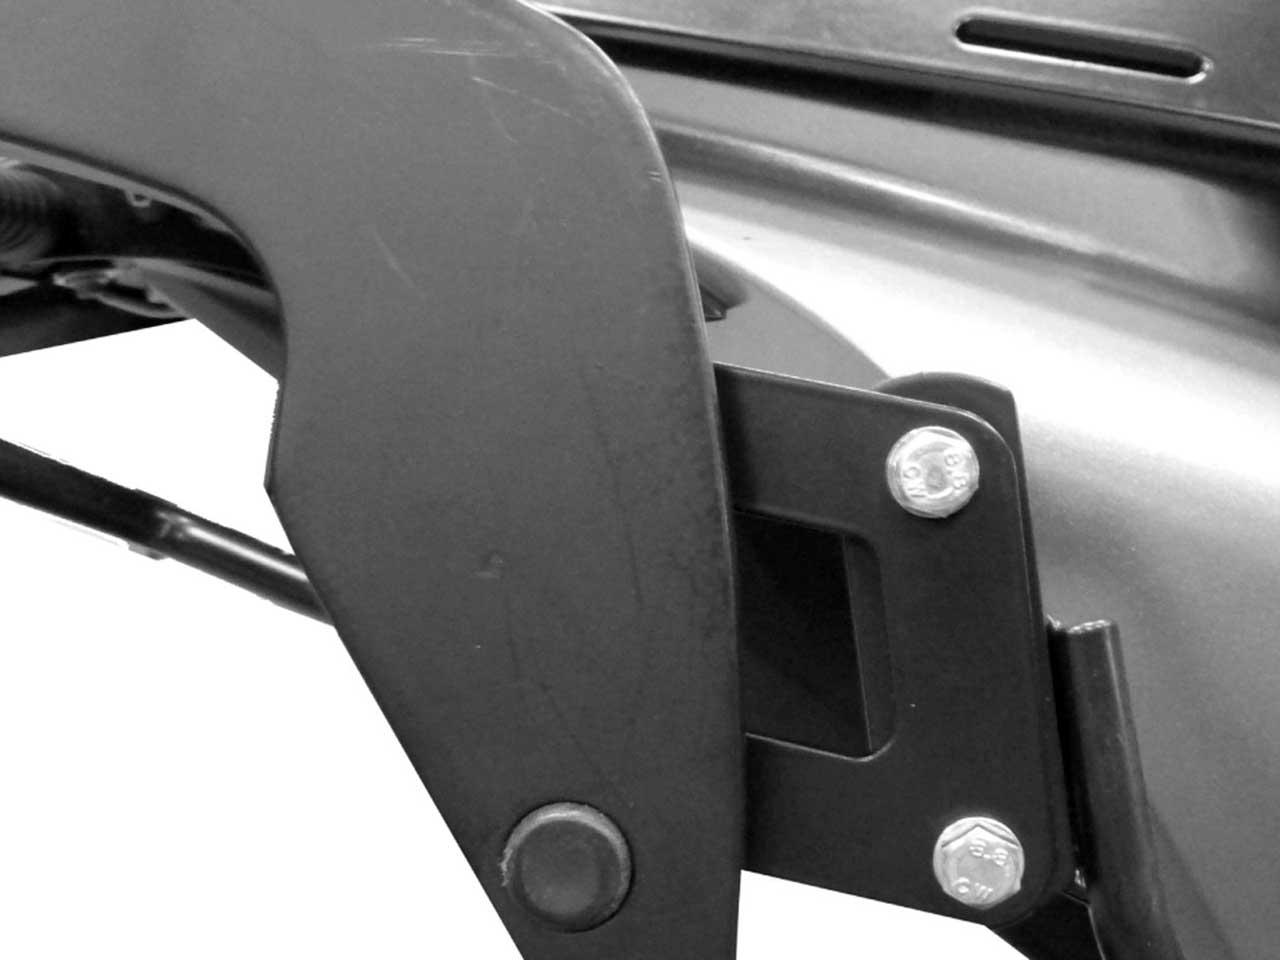 ヘプコ&ベッカー C-Bow 前後移設キット(50mm) / 上下移設キット(30mm)